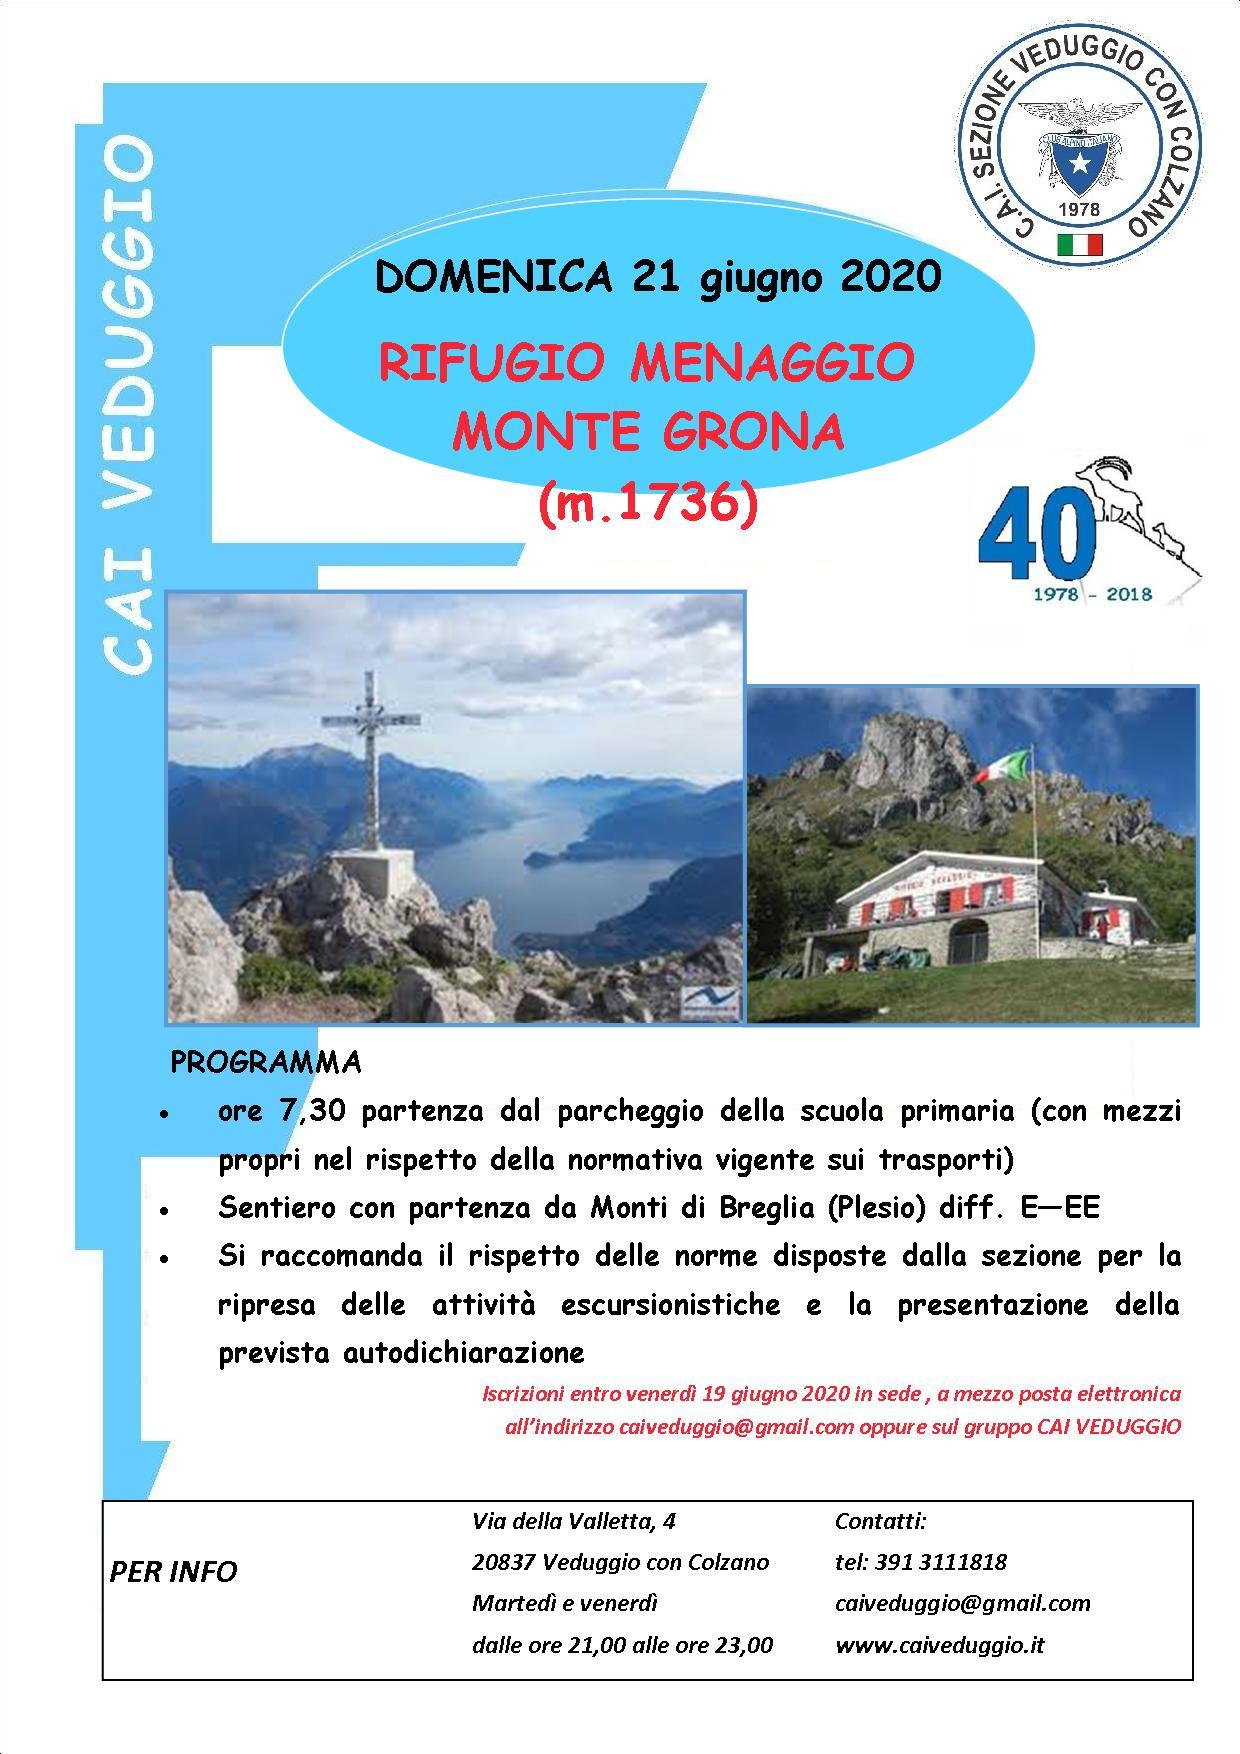 Domenica 21 giugno 2020 – Escursione al Rifugio Menaggio e al Monte Grona (m. 1736)